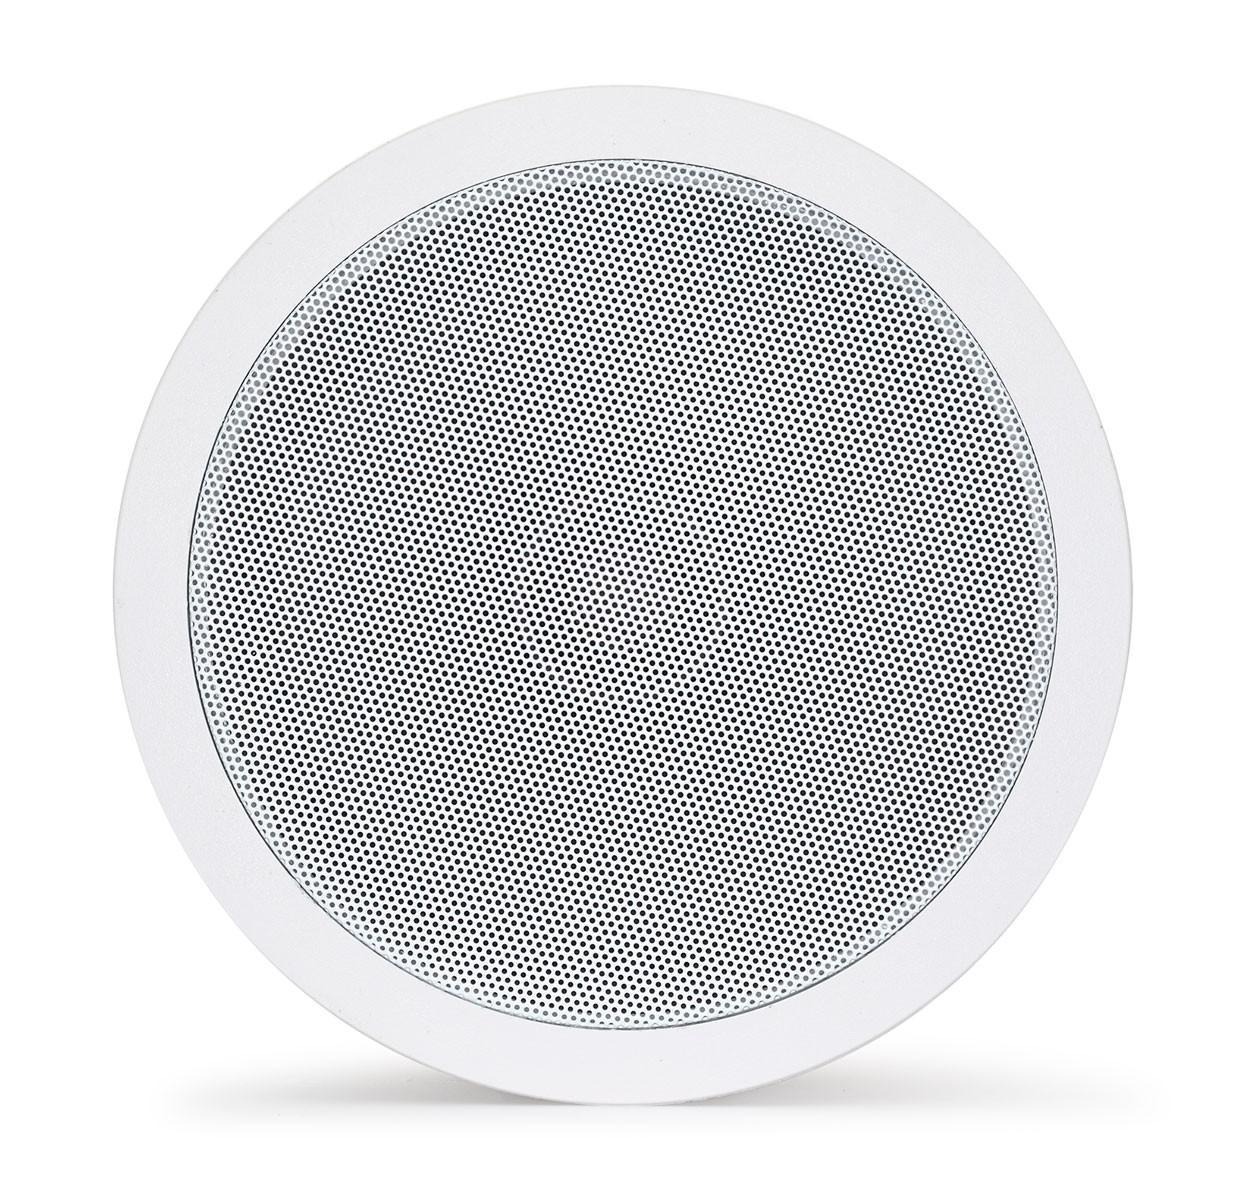 Haut-parleur Fonestar encastré plafond rond avec écran spark, pour système PA, couleur blanche, facile à installer